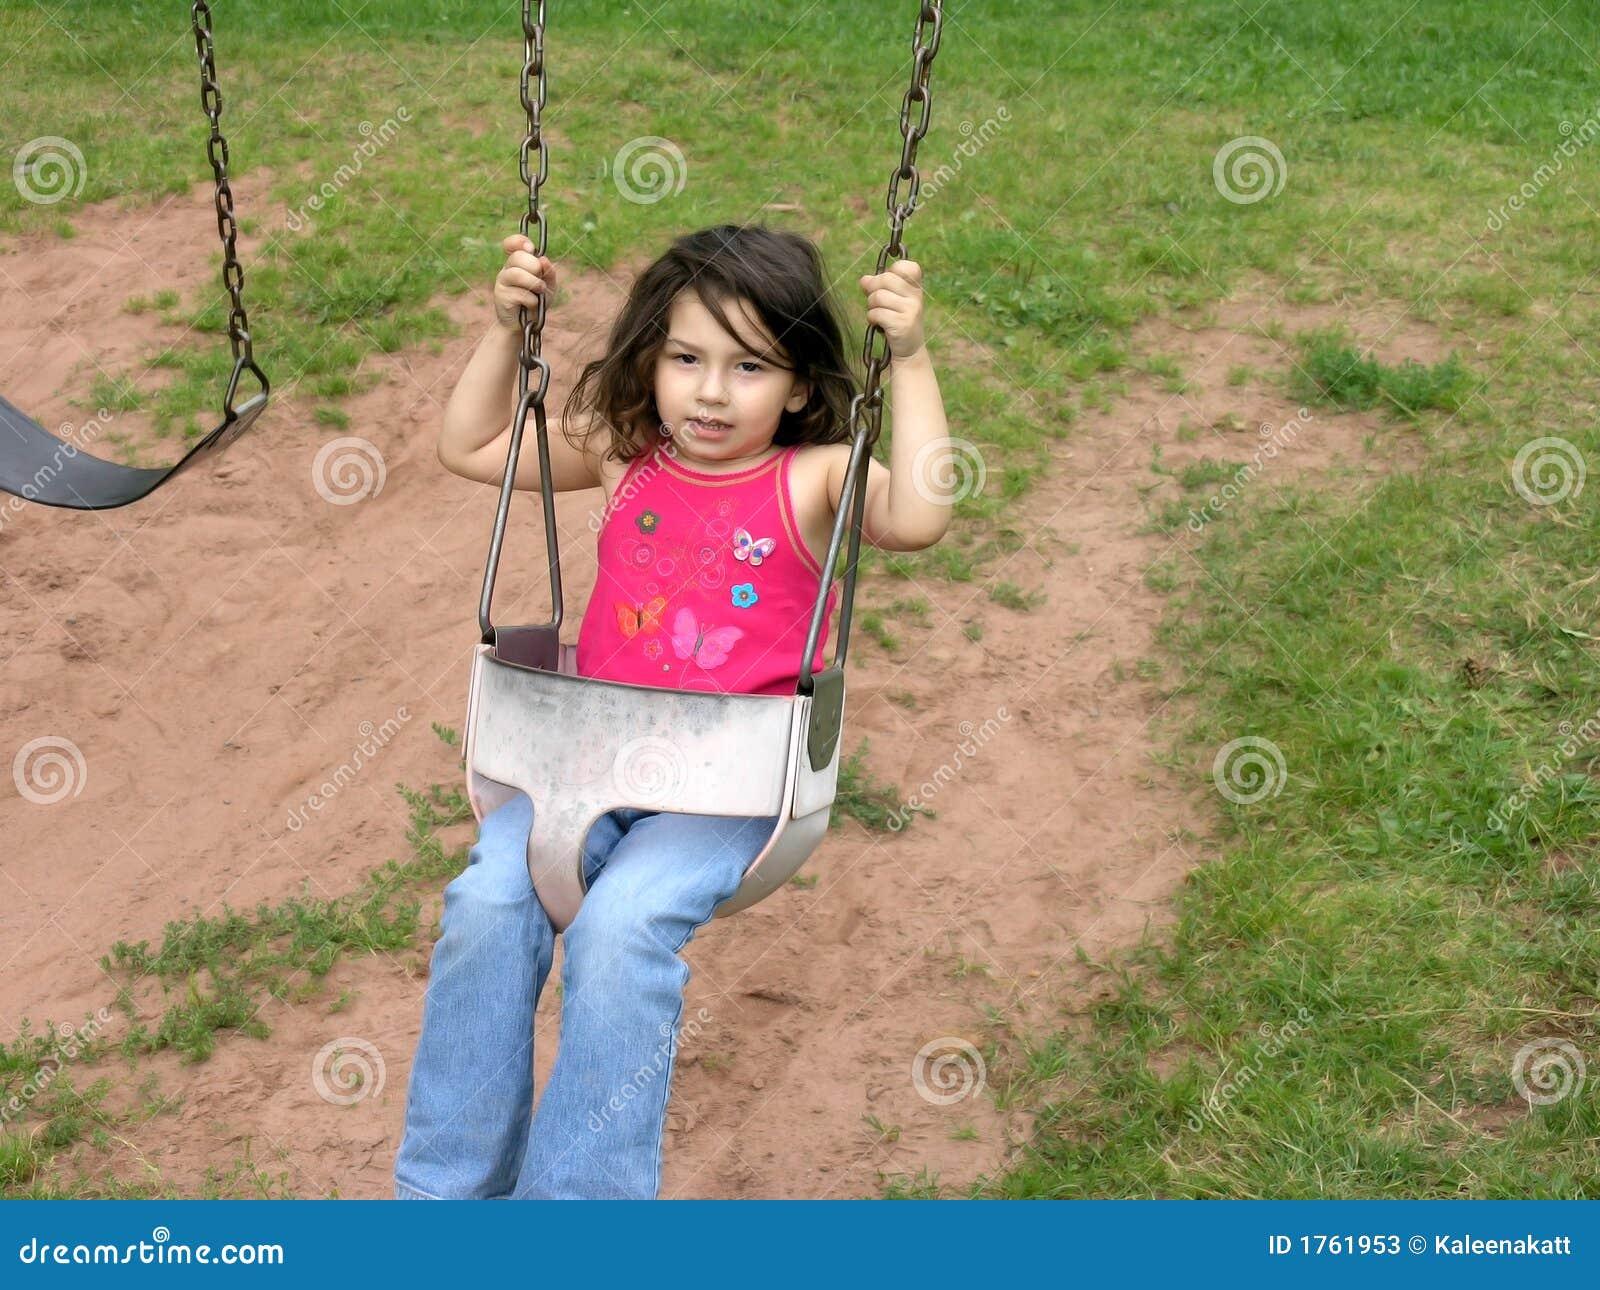 Clipart Girl On Swing